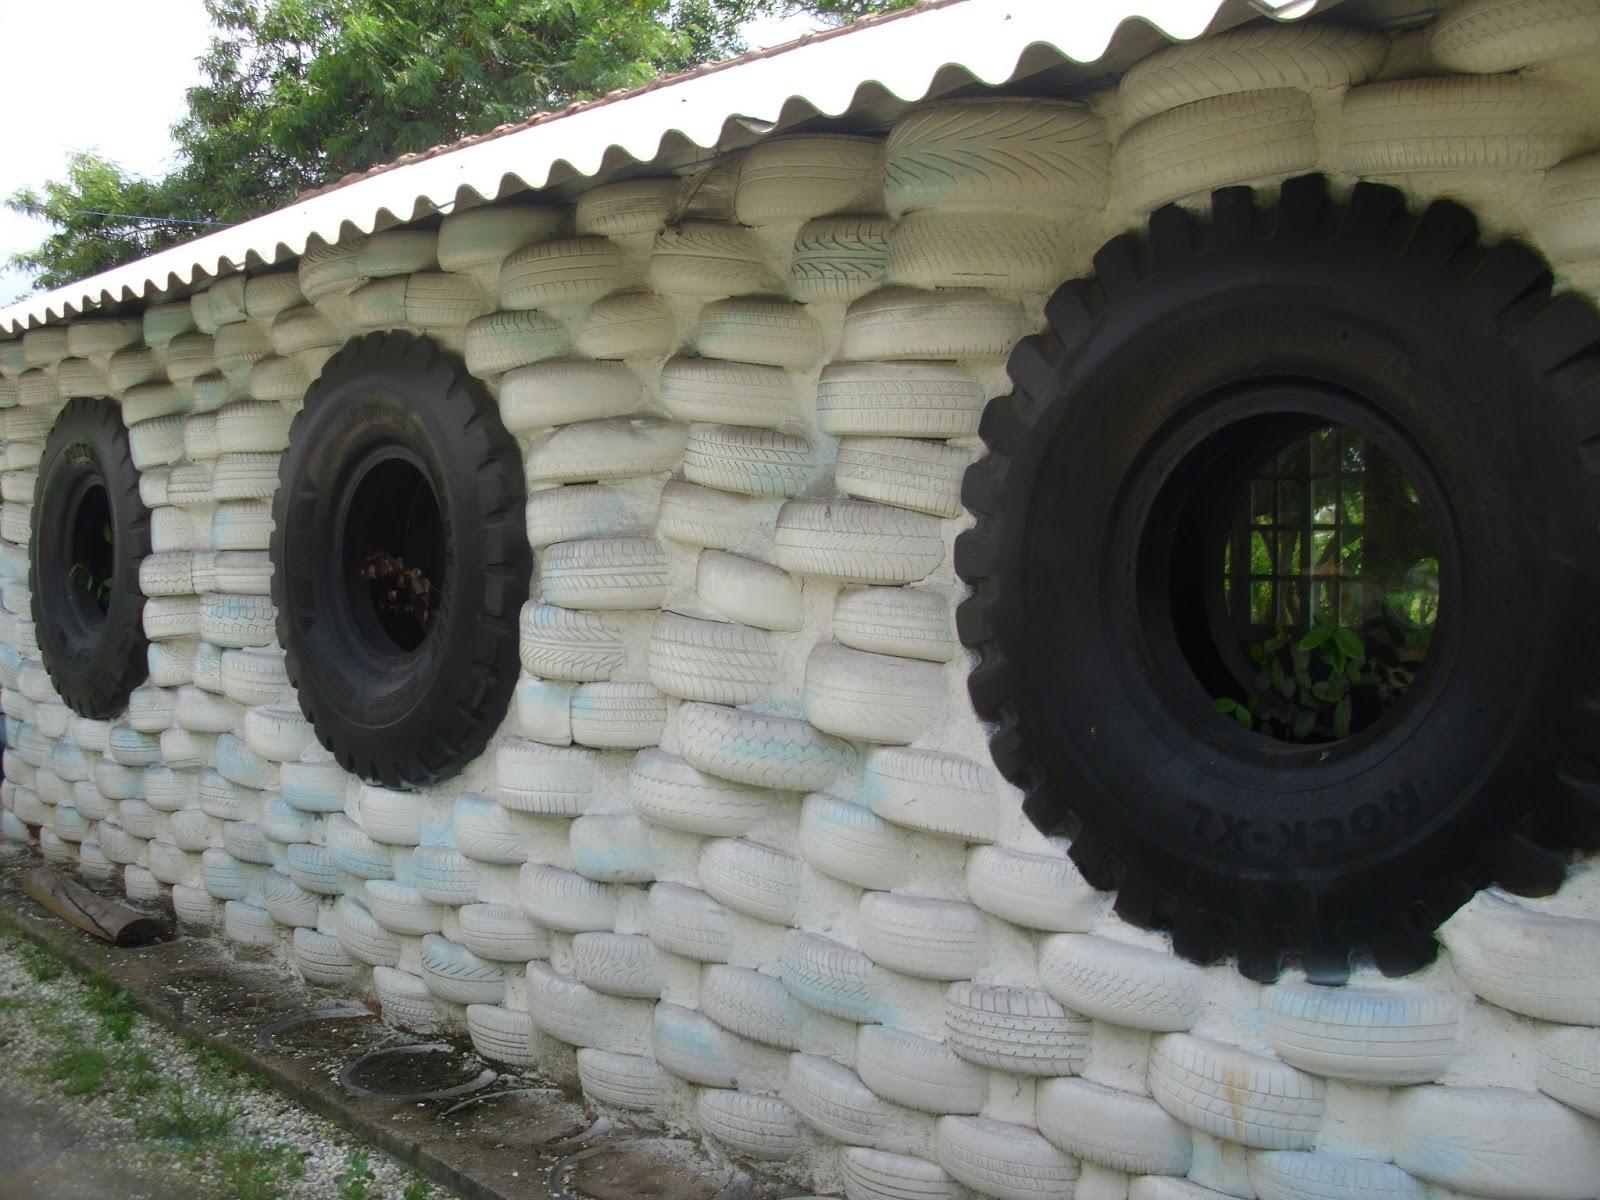 #4C5E3D Carol Daemon: A horta urbana da Pedro Américo no Catete RJ 1600x1200 px Projeto Cozinha Comunitária #2487 imagens